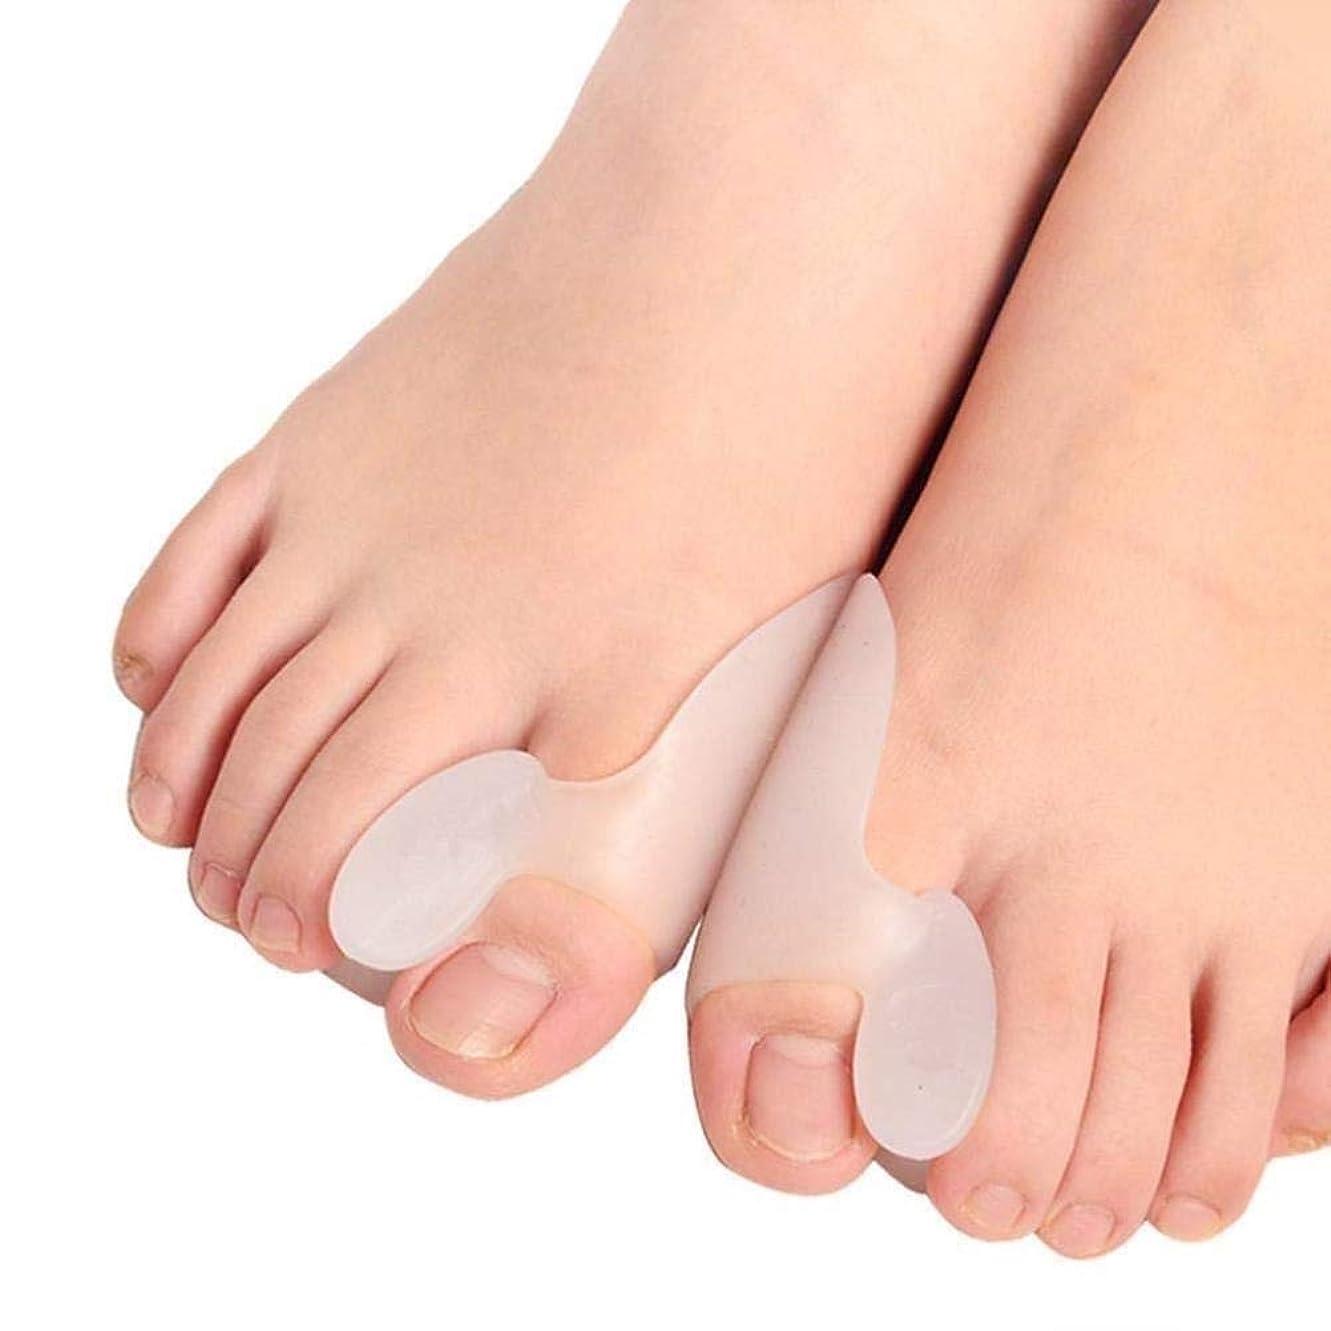 彼らのもの聡明ブランド外反母趾コレクター足底筋膜炎ハンマーつま先のための足セパレータ - オリジナルジェルトゥスペーサストレッチャーストレイテナースプレッダーパッド - 男性の女性のための小さな足プロテクター - ストップ足の痛み